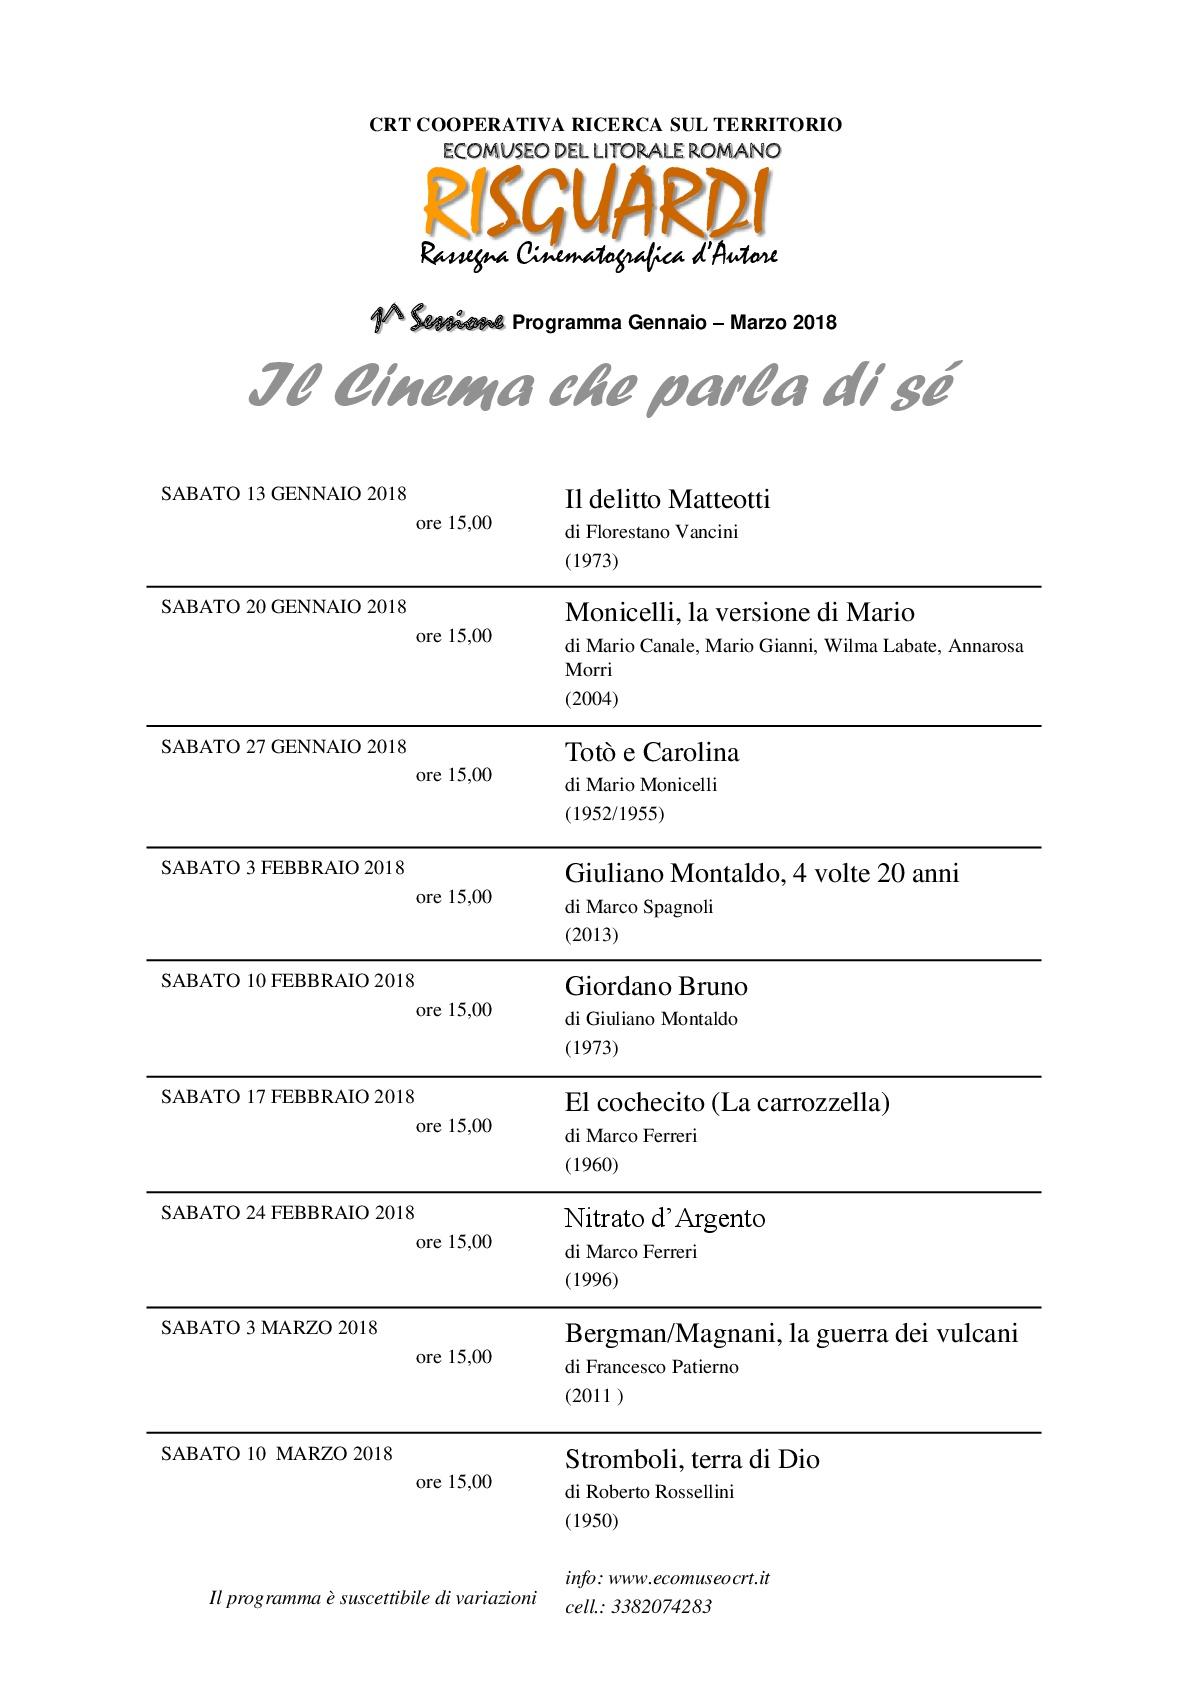 risguardi-il-cinema-parla-di-se-programma-gennaio-marzo-2018-2-001